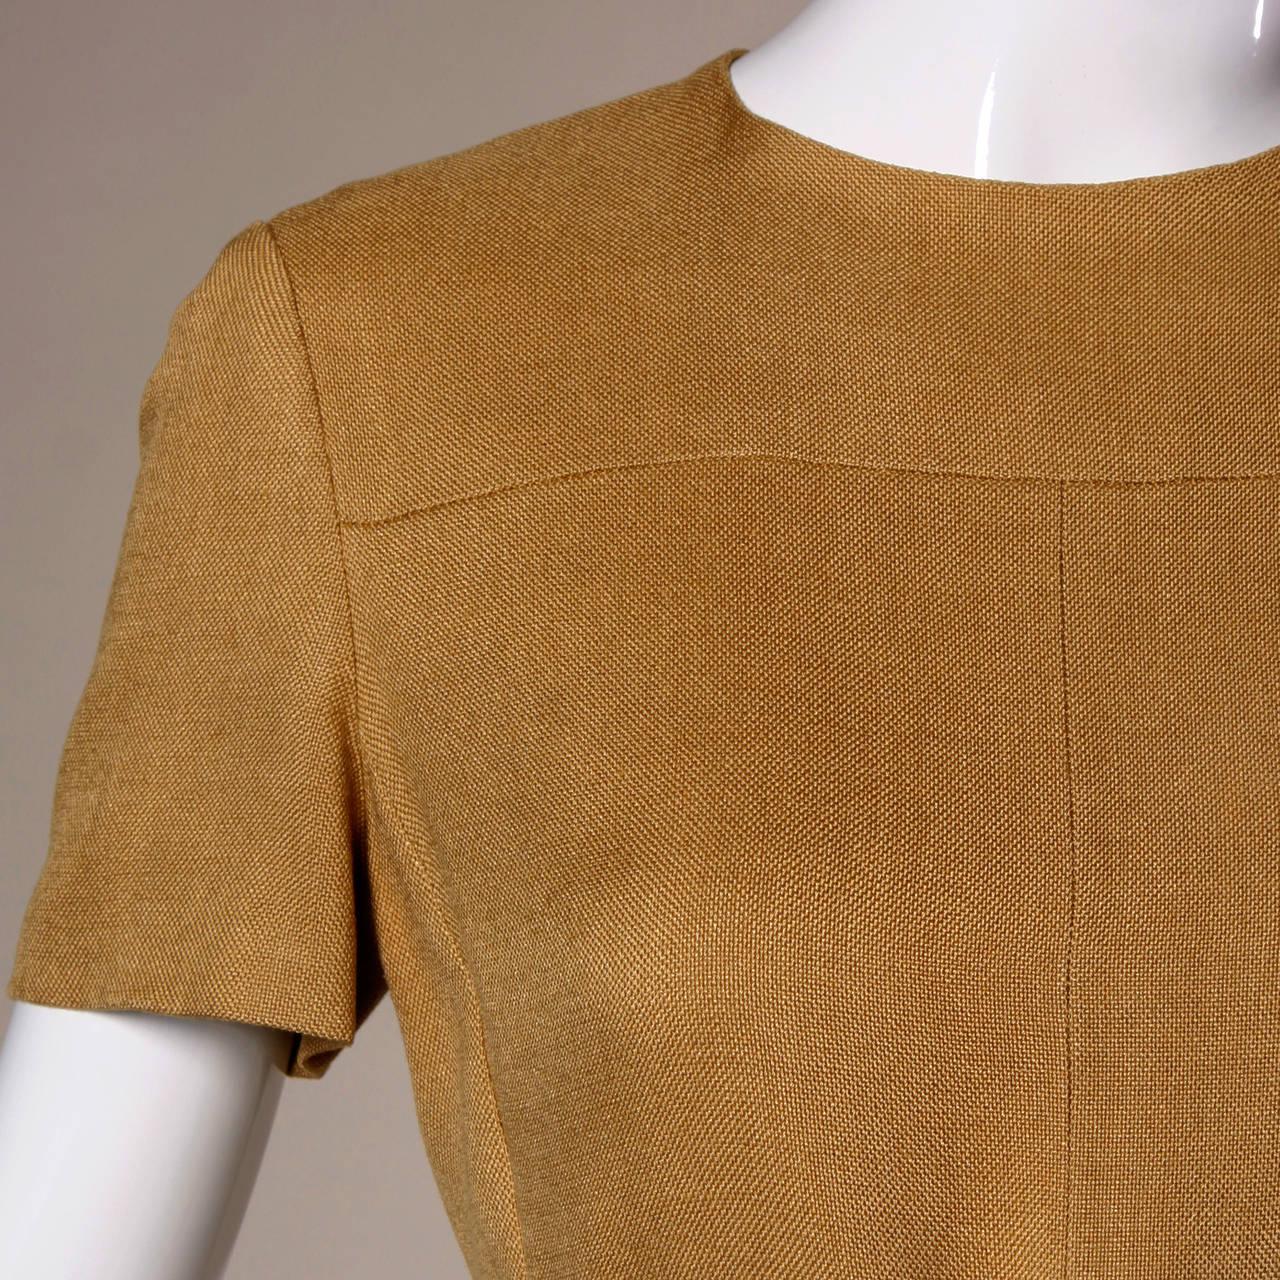 Donald Brooks 1960s Mod Vintage Camel Linen + Silk Dress with Belt For Sale 2